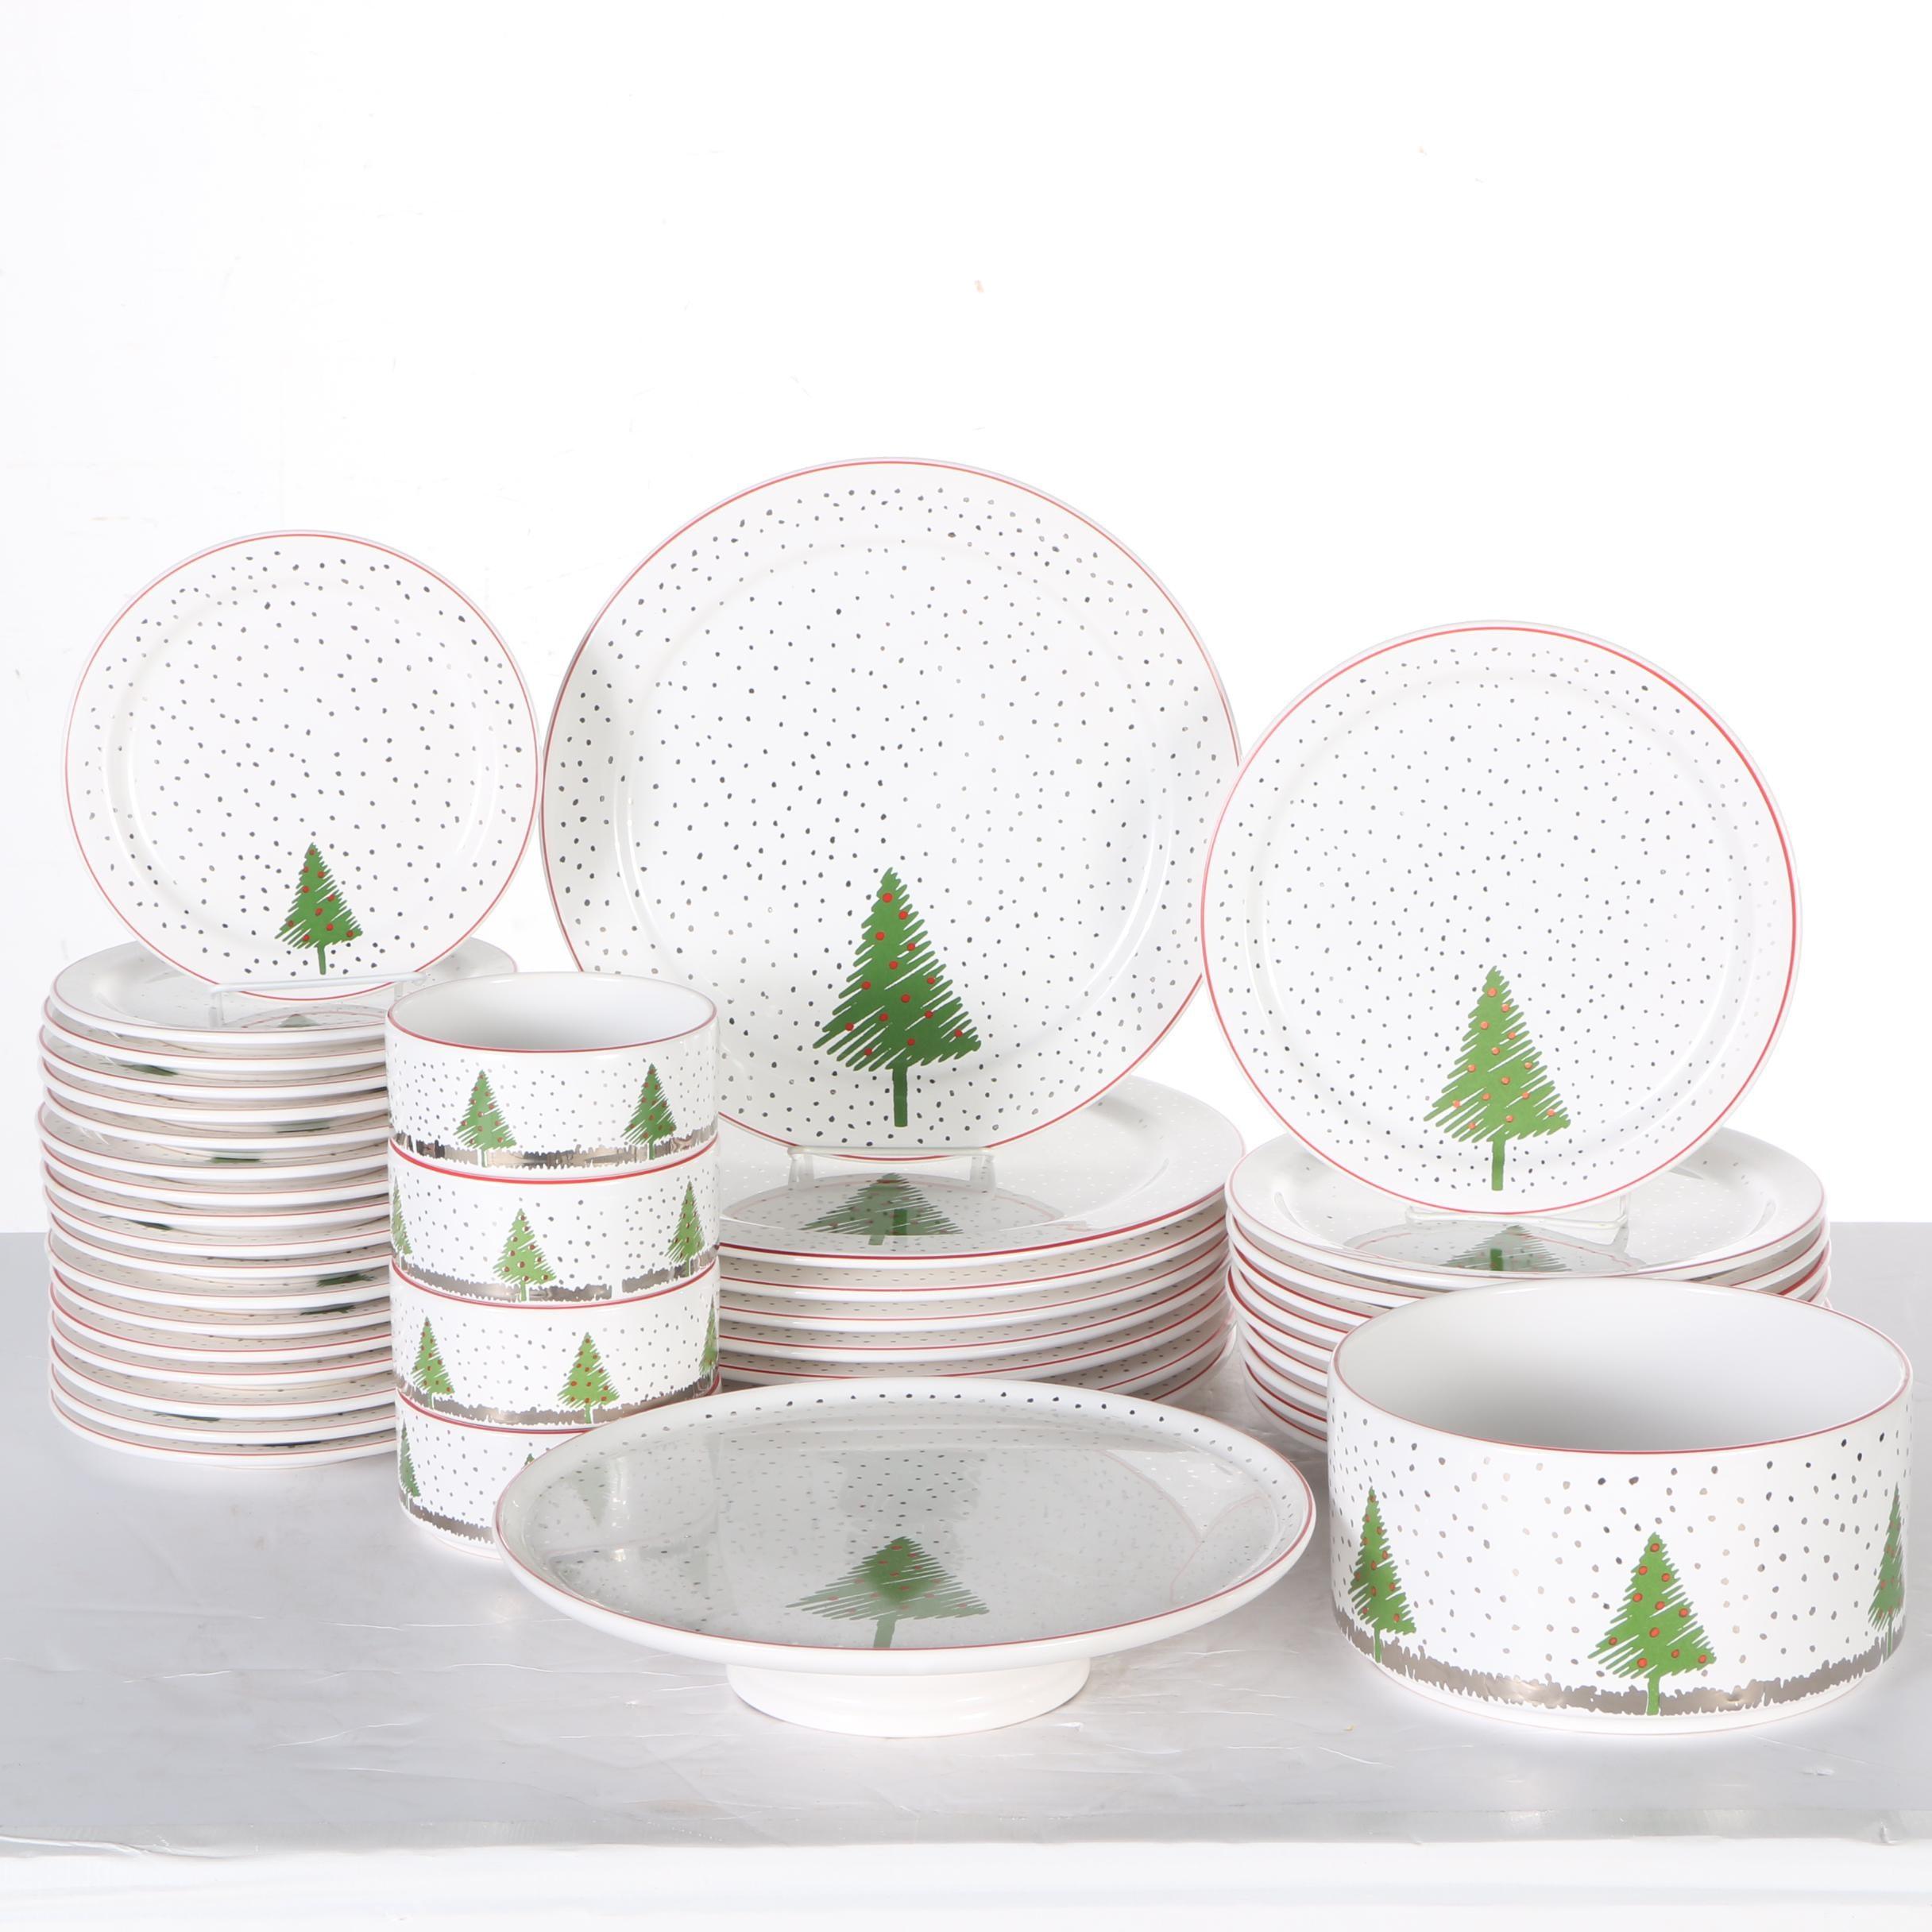 Waechtersbach  White Christmas  Dinnerware ...  sc 1 st  EBTH.com & Waechtersbach